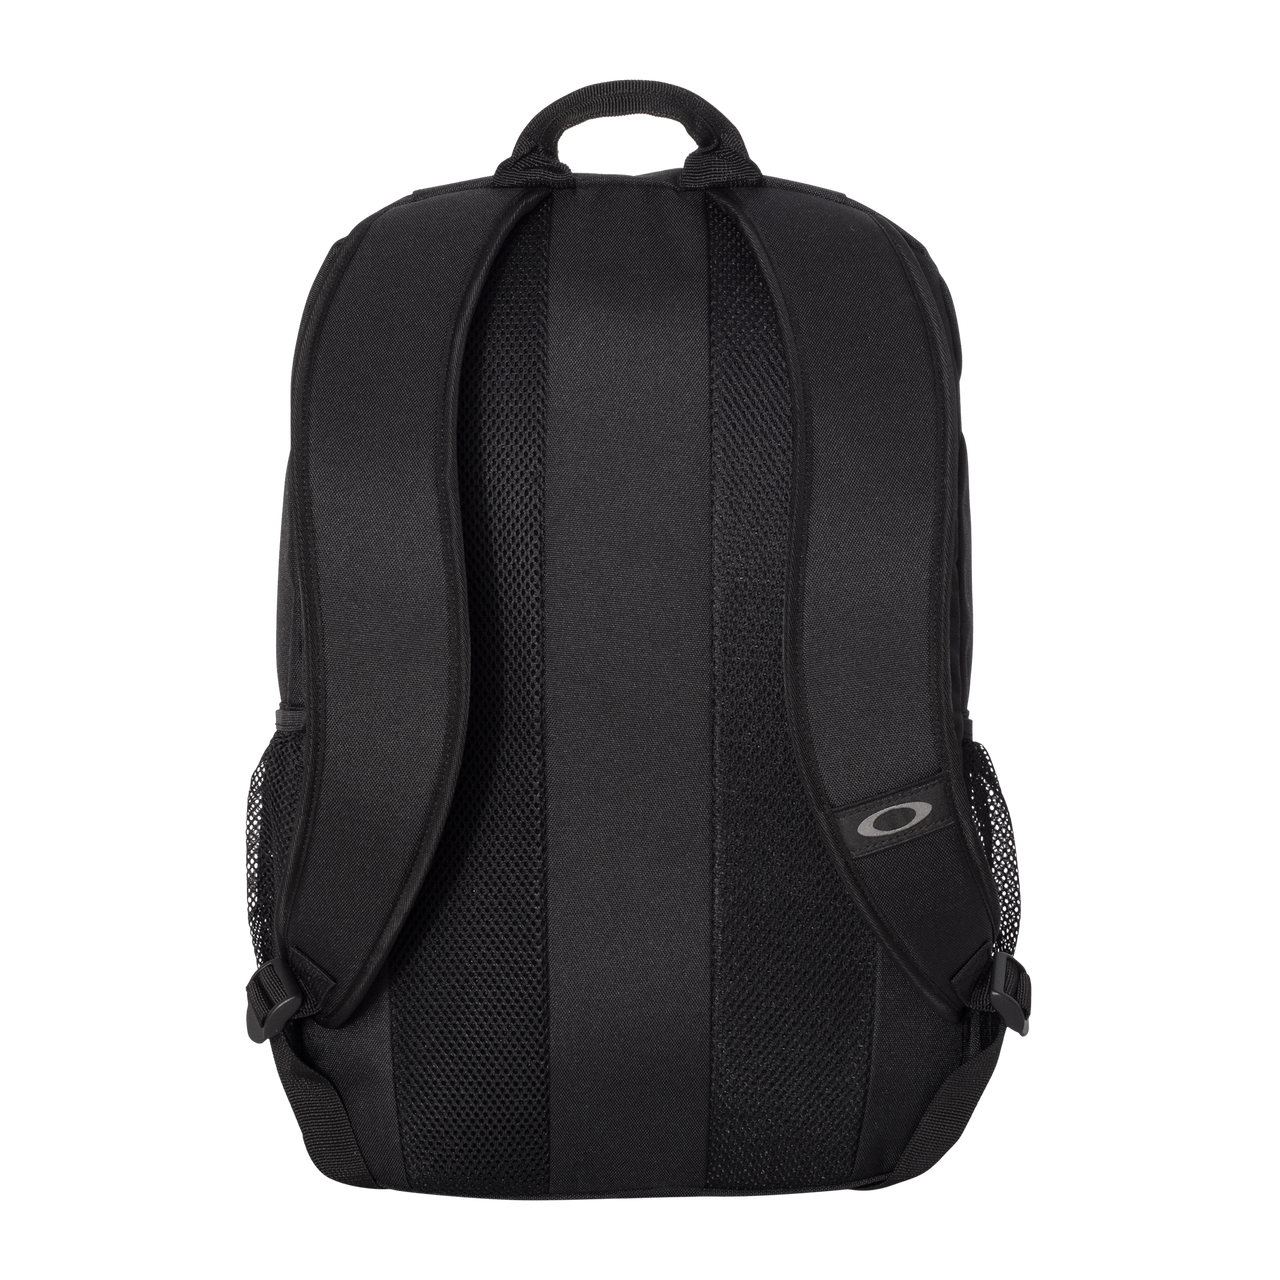 Blackout - Back, 921055ODM Oakley Crestible Enduro Backpack 22L  | T-shirt.ca